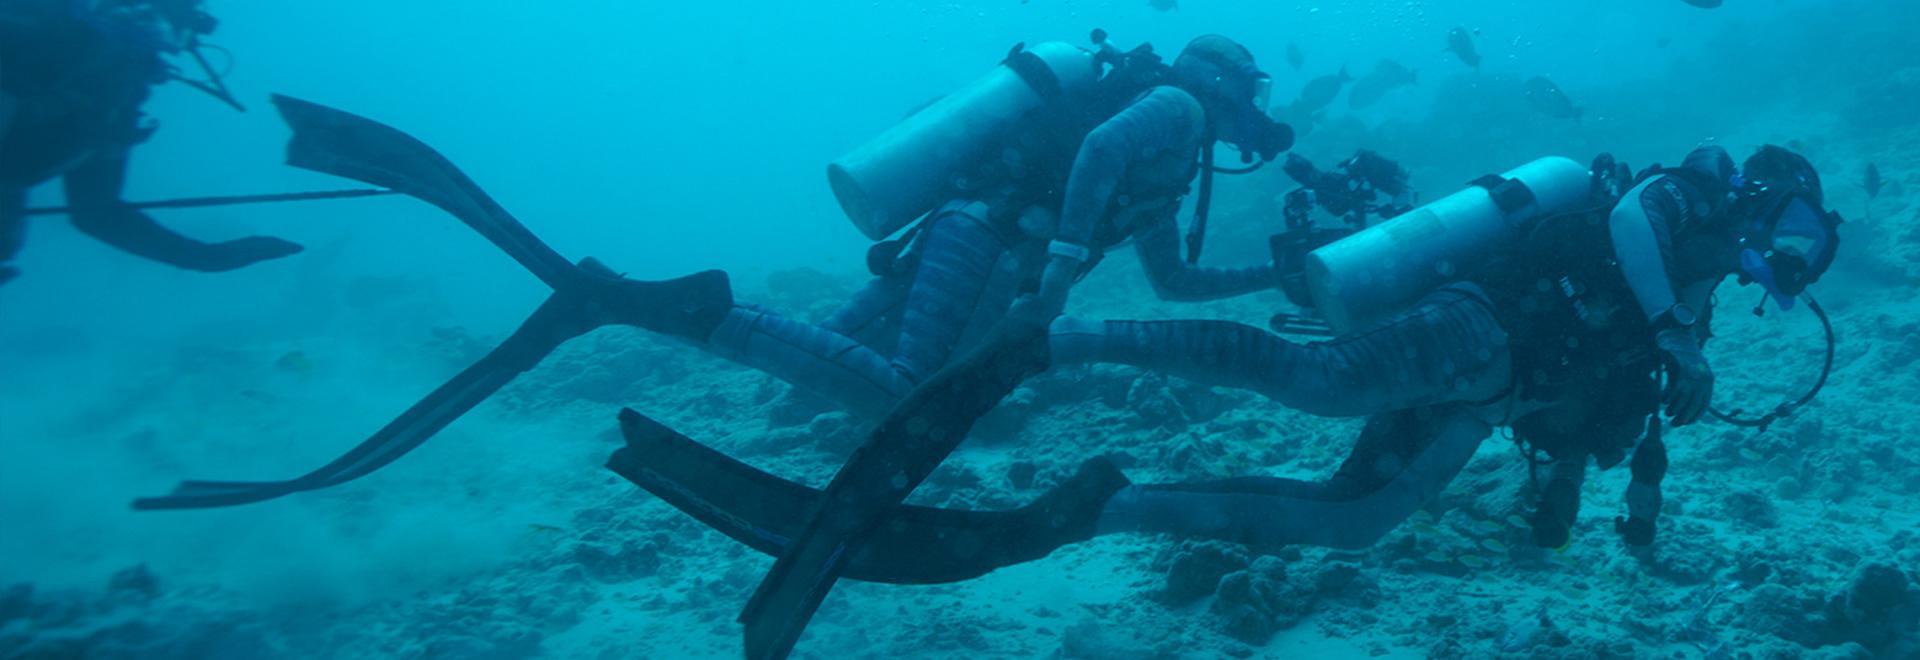 Alla ricerca dello squalo perduto